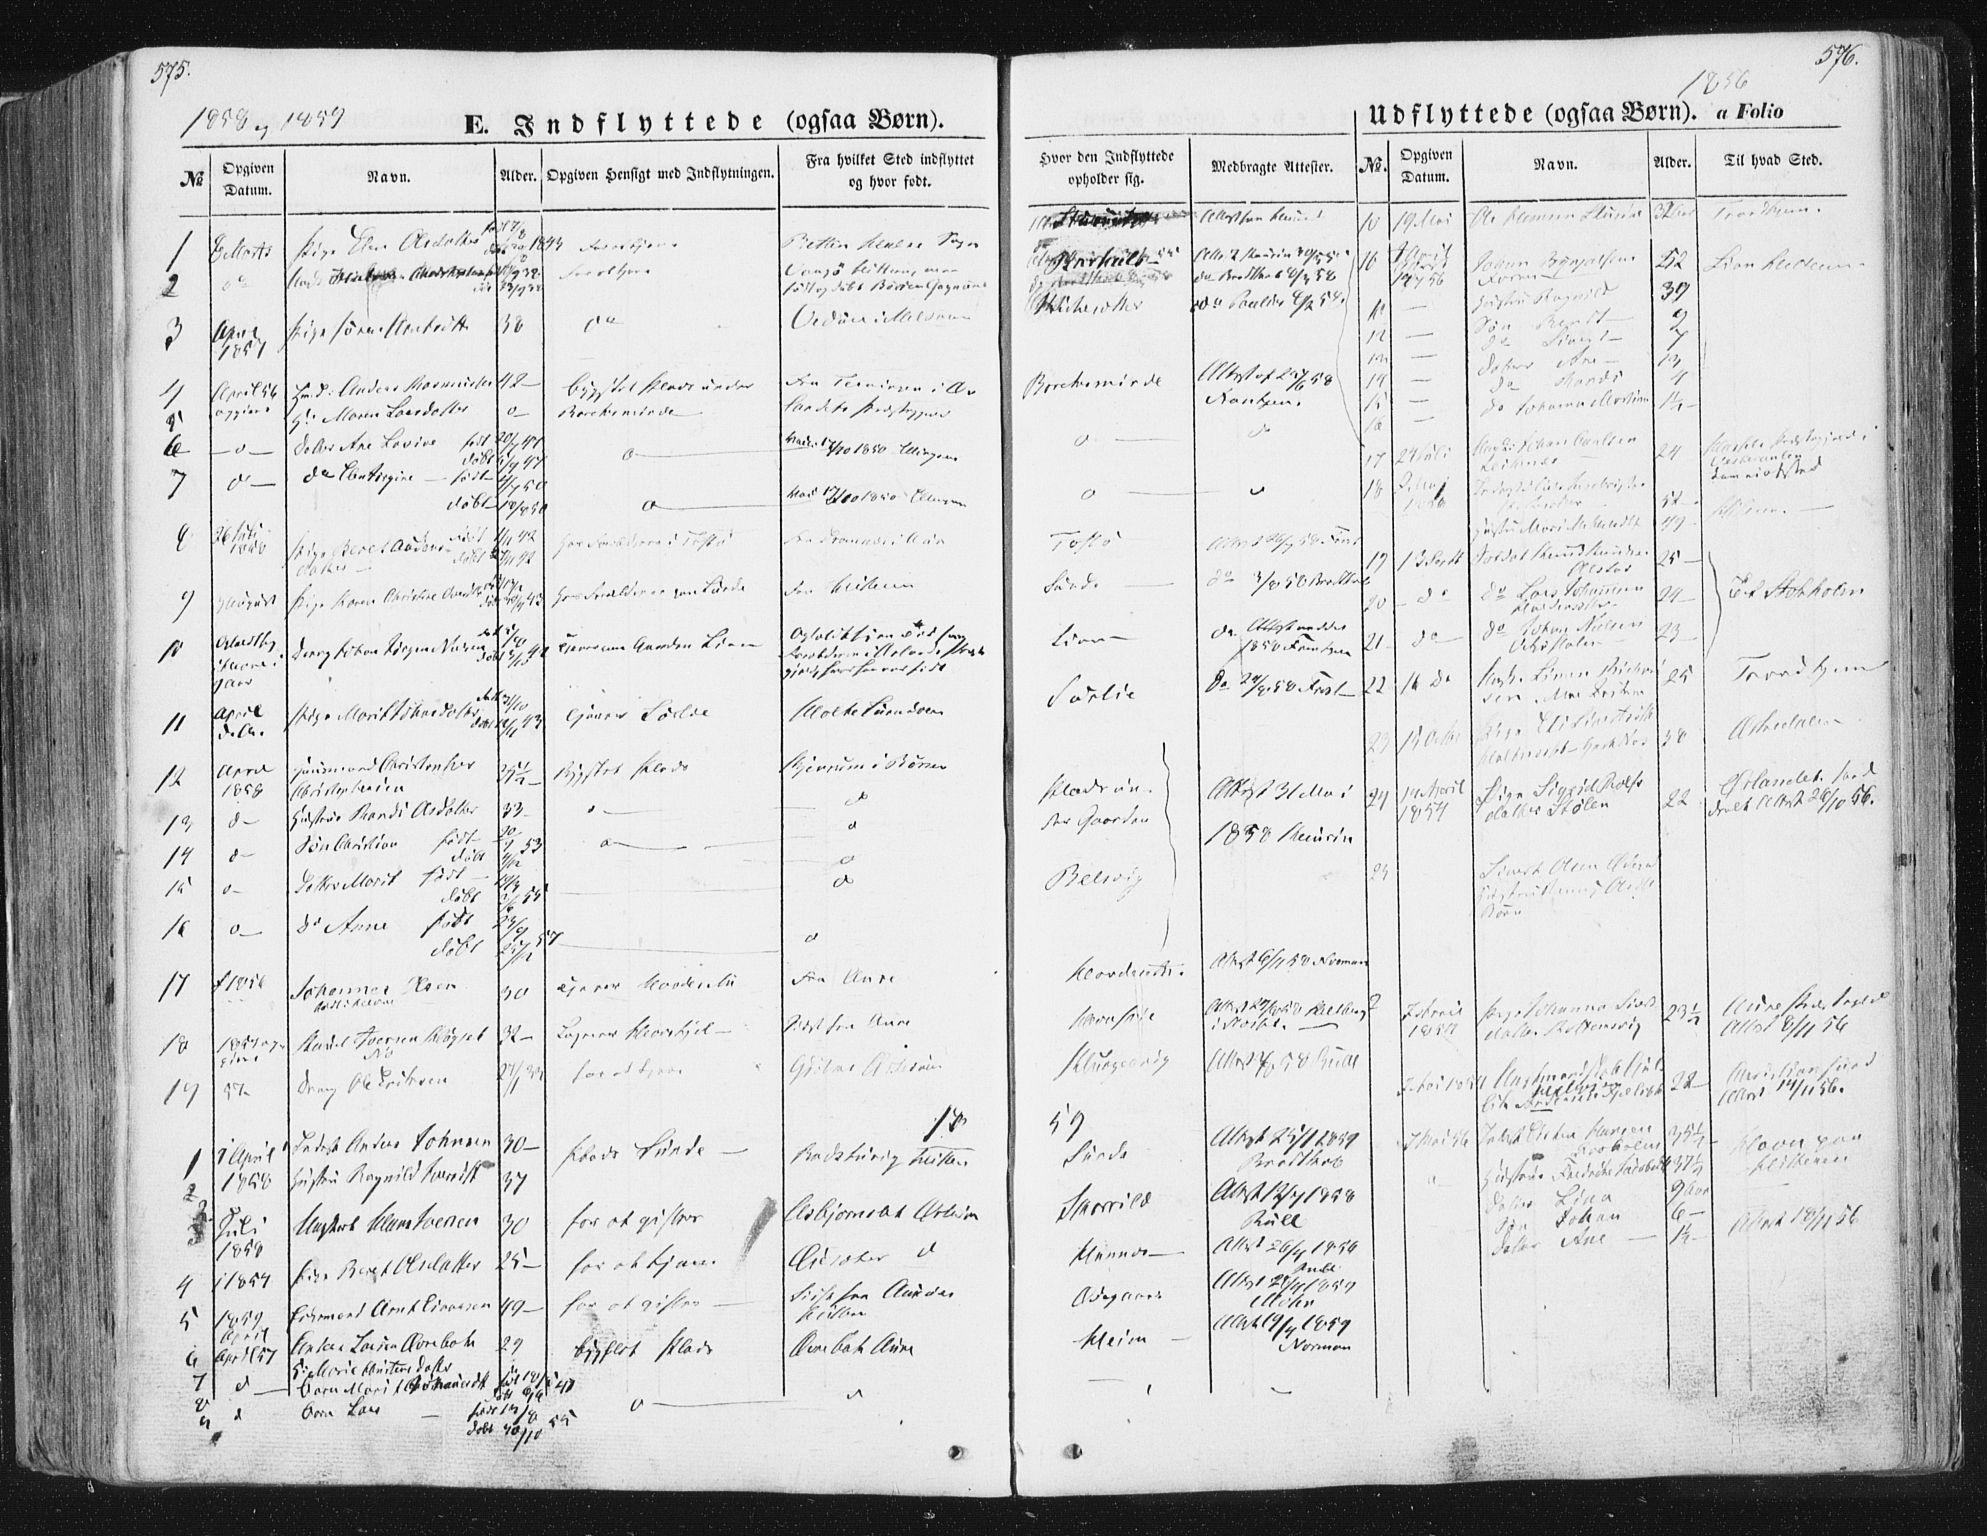 SAT, Ministerialprotokoller, klokkerbøker og fødselsregistre - Sør-Trøndelag, 630/L0494: Ministerialbok nr. 630A07, 1852-1868, s. 575-576